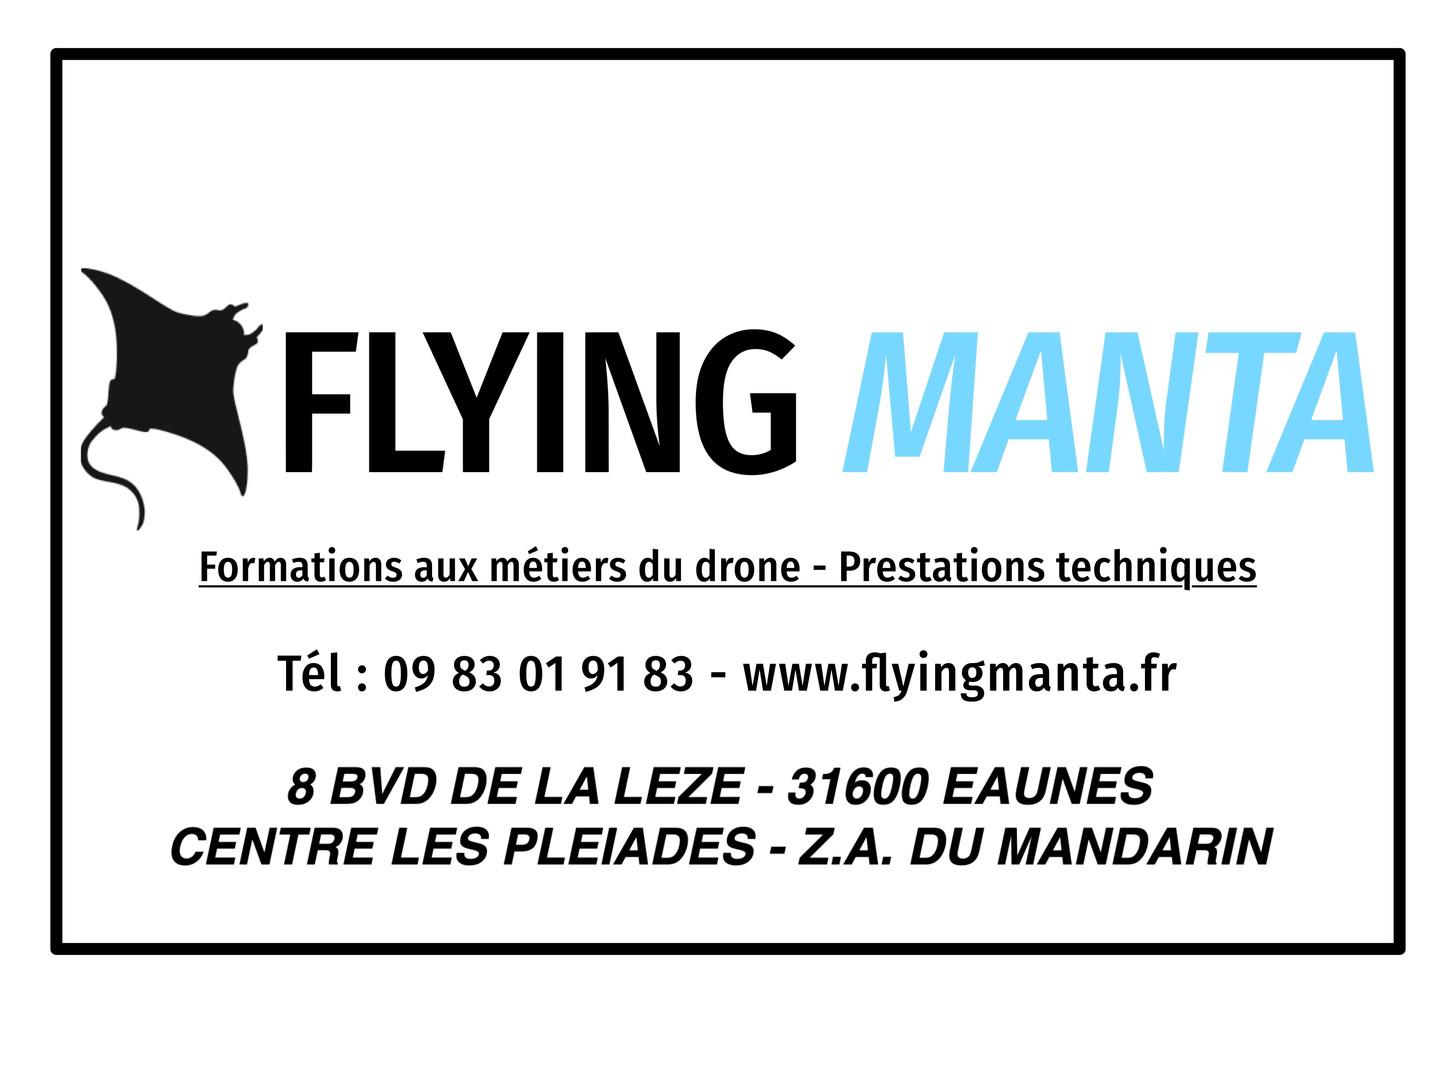 Sticker panneau pub Fliyng Manta.jpg